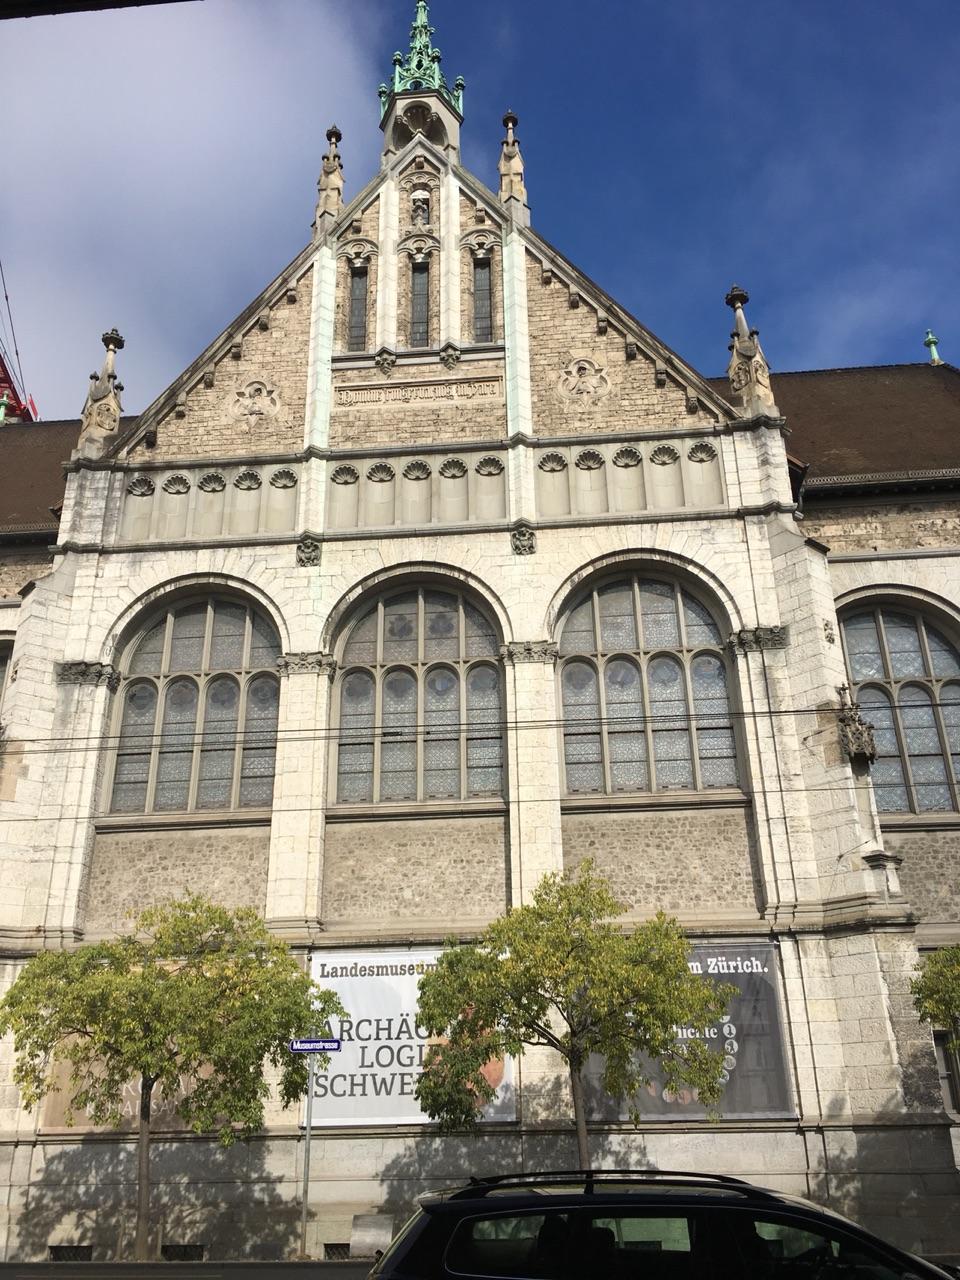 National Museum in Zurich, Switzerland